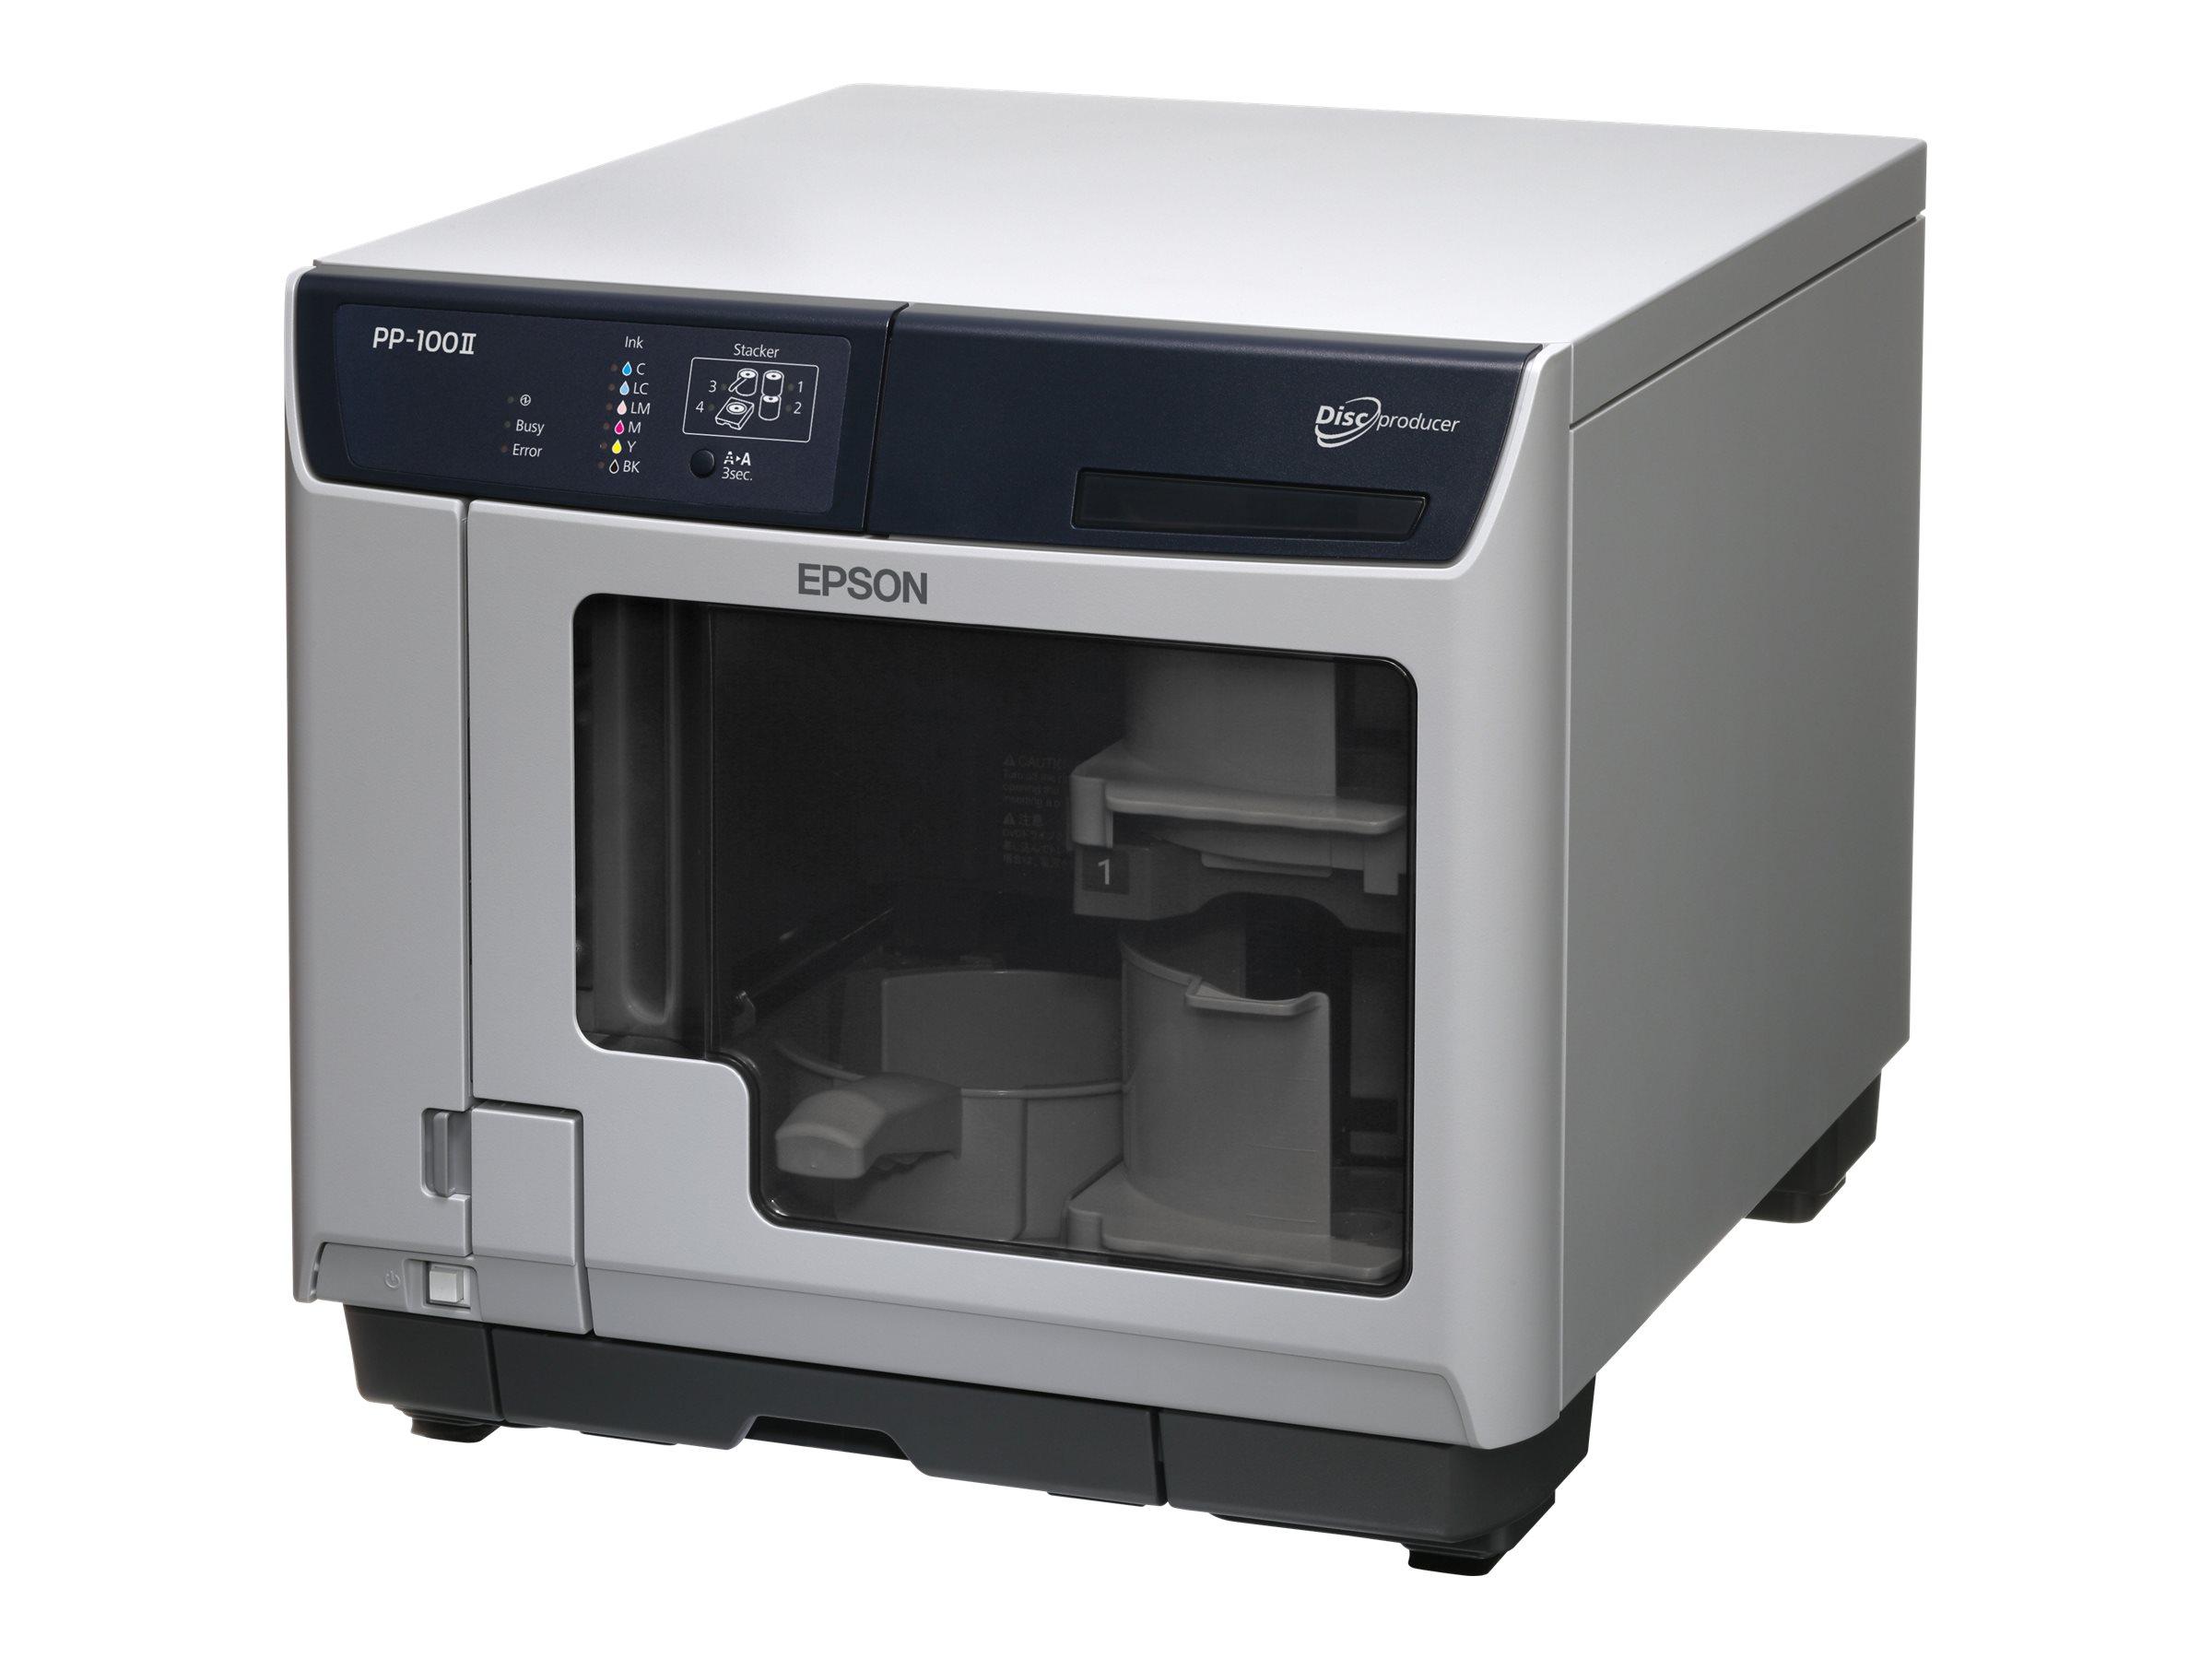 Epson Discproducer PP-100IIBD - Disk-Kopiergerät - Steckplätze: 100 - BD-RE x 2 - SuperSpeed USB 3.0 - extern